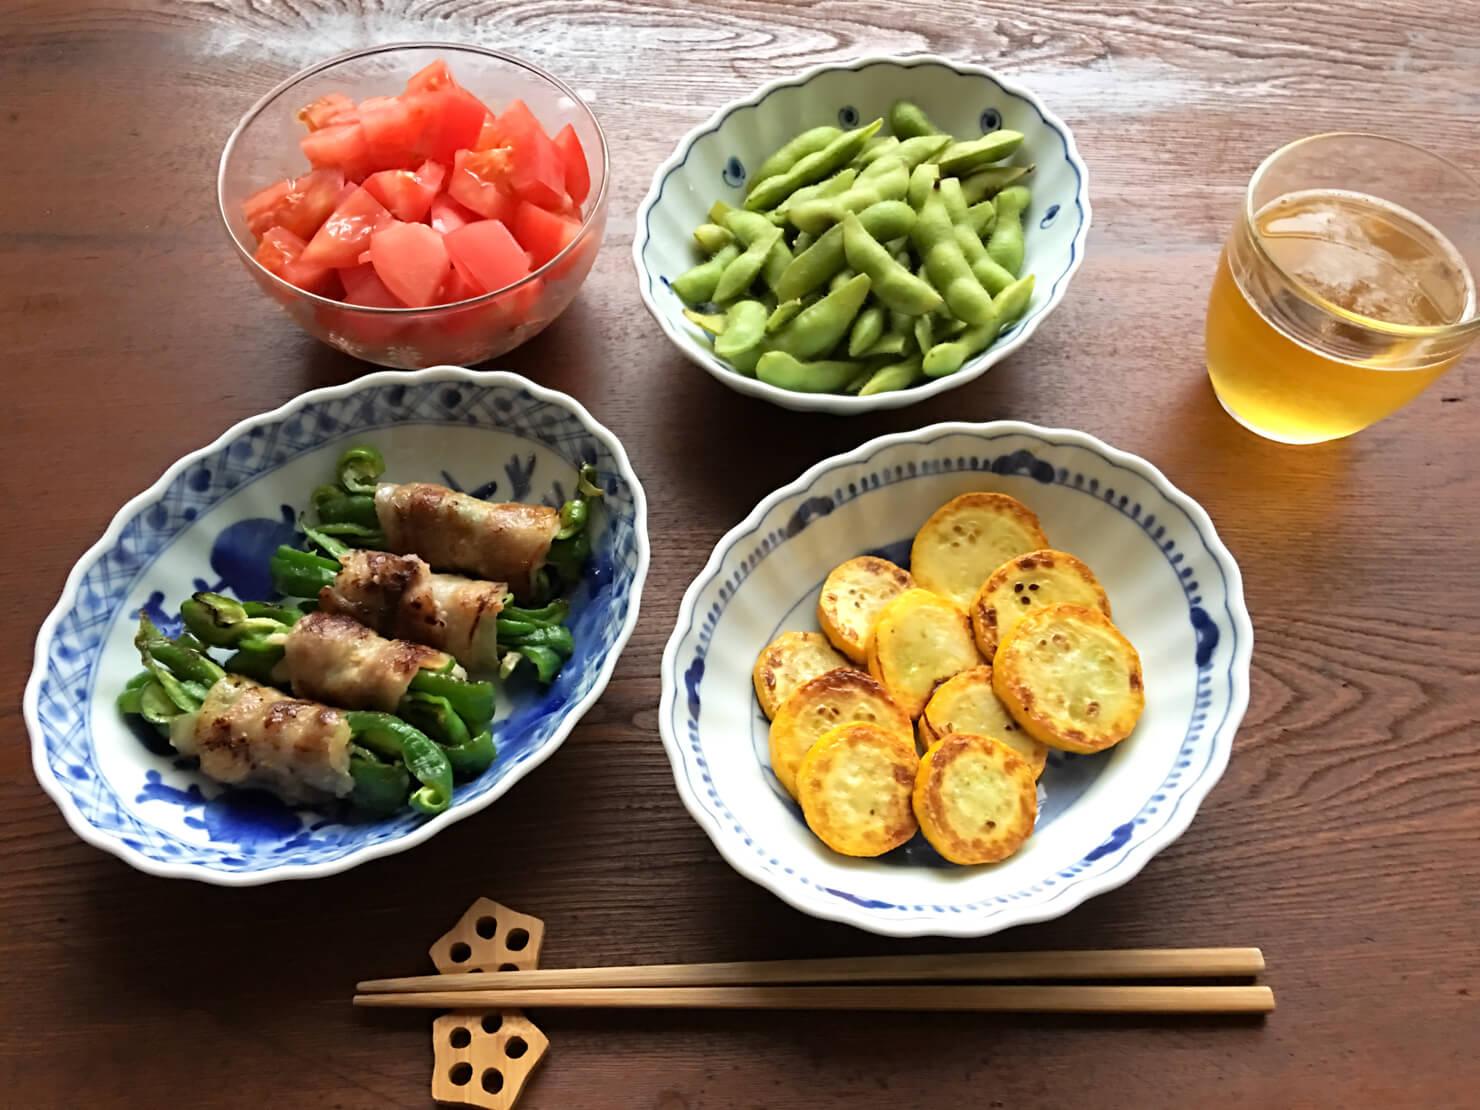 生ピーマンの豚肉塩麹漬け巻き焼き中心の居酒屋料理の写真